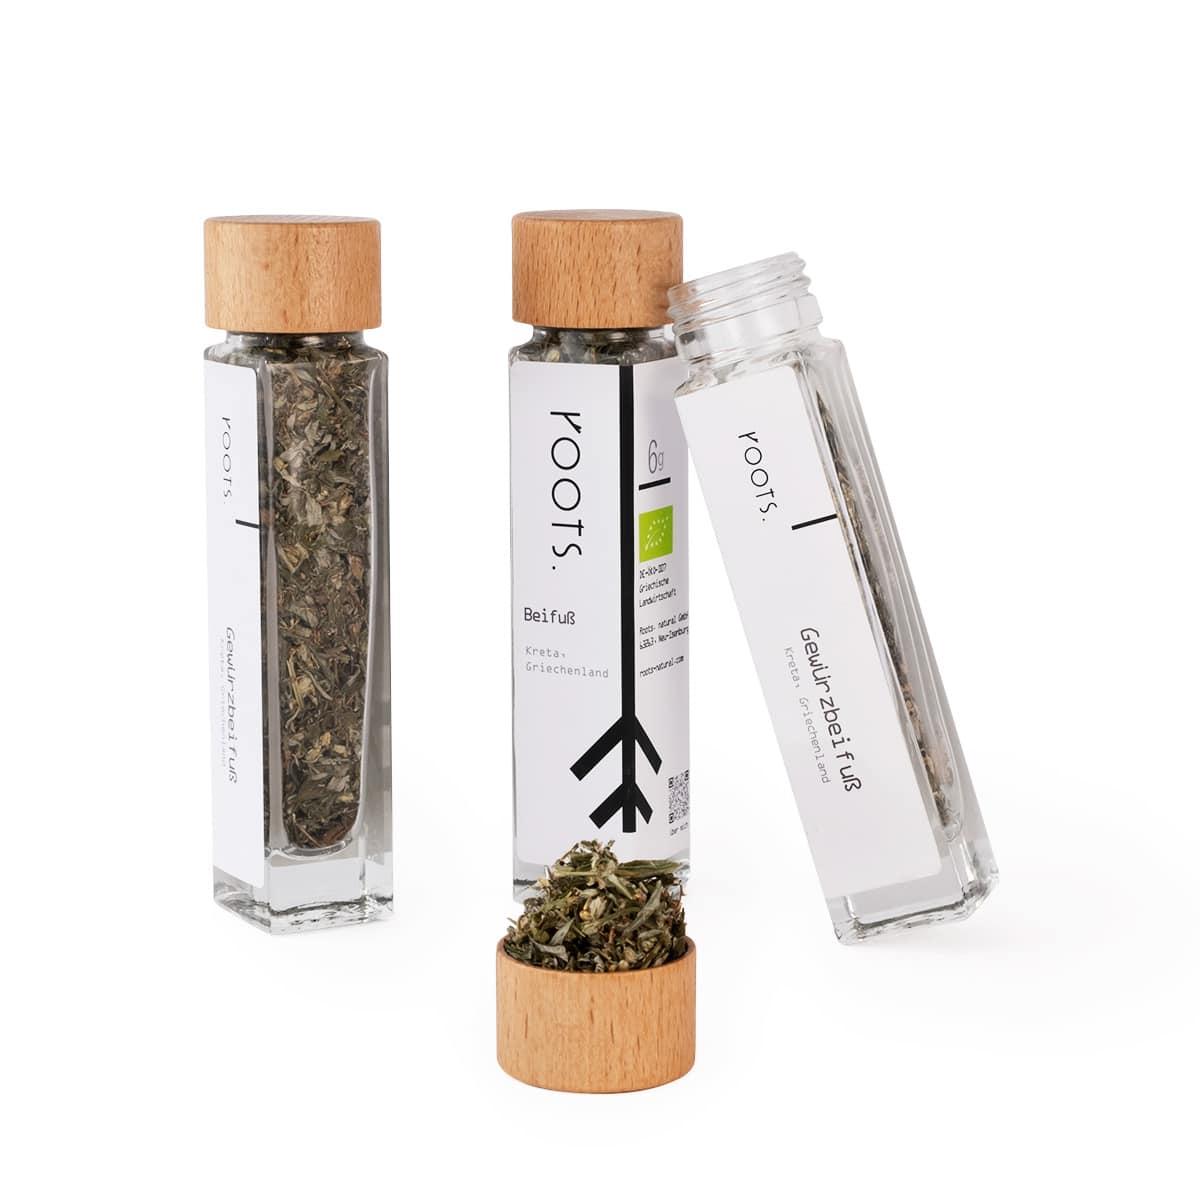 Beifuss kaufen bio von roots im Gewuerz-Glas natuerlich und direkt aus Kreta